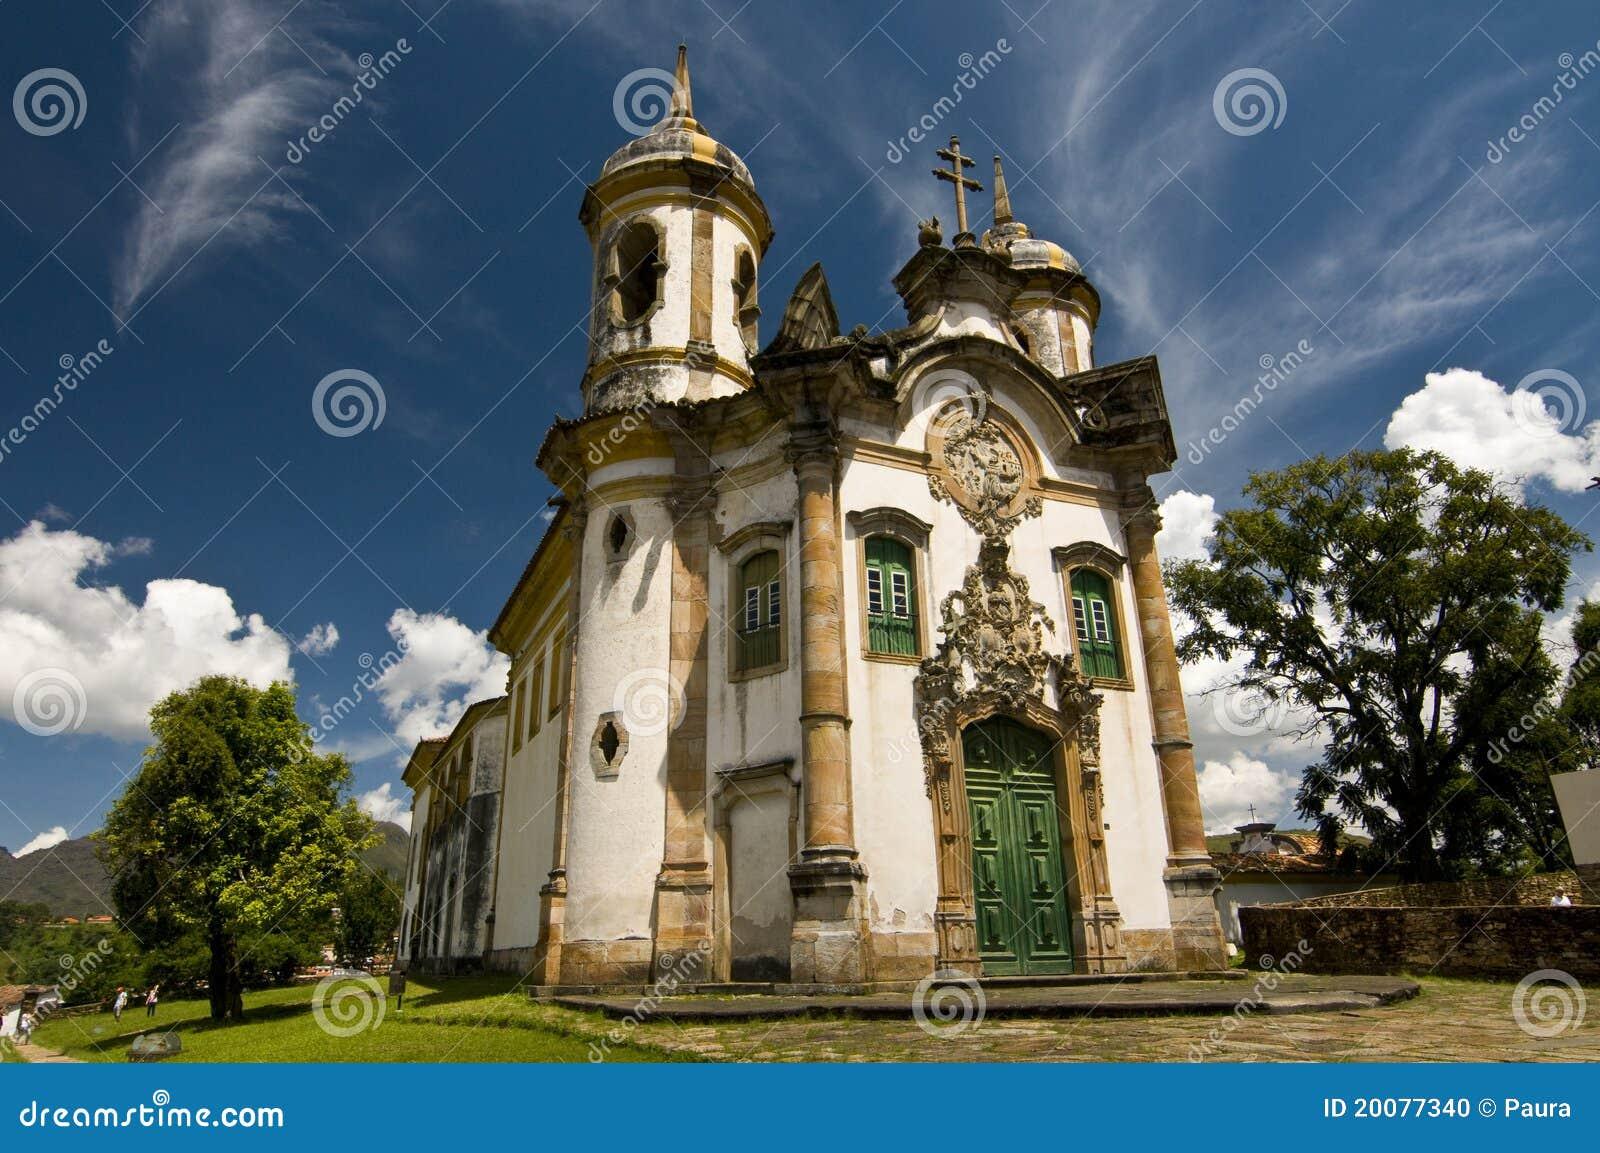 Rococo architecture style stock photo image 20077340 for Architecture rococo